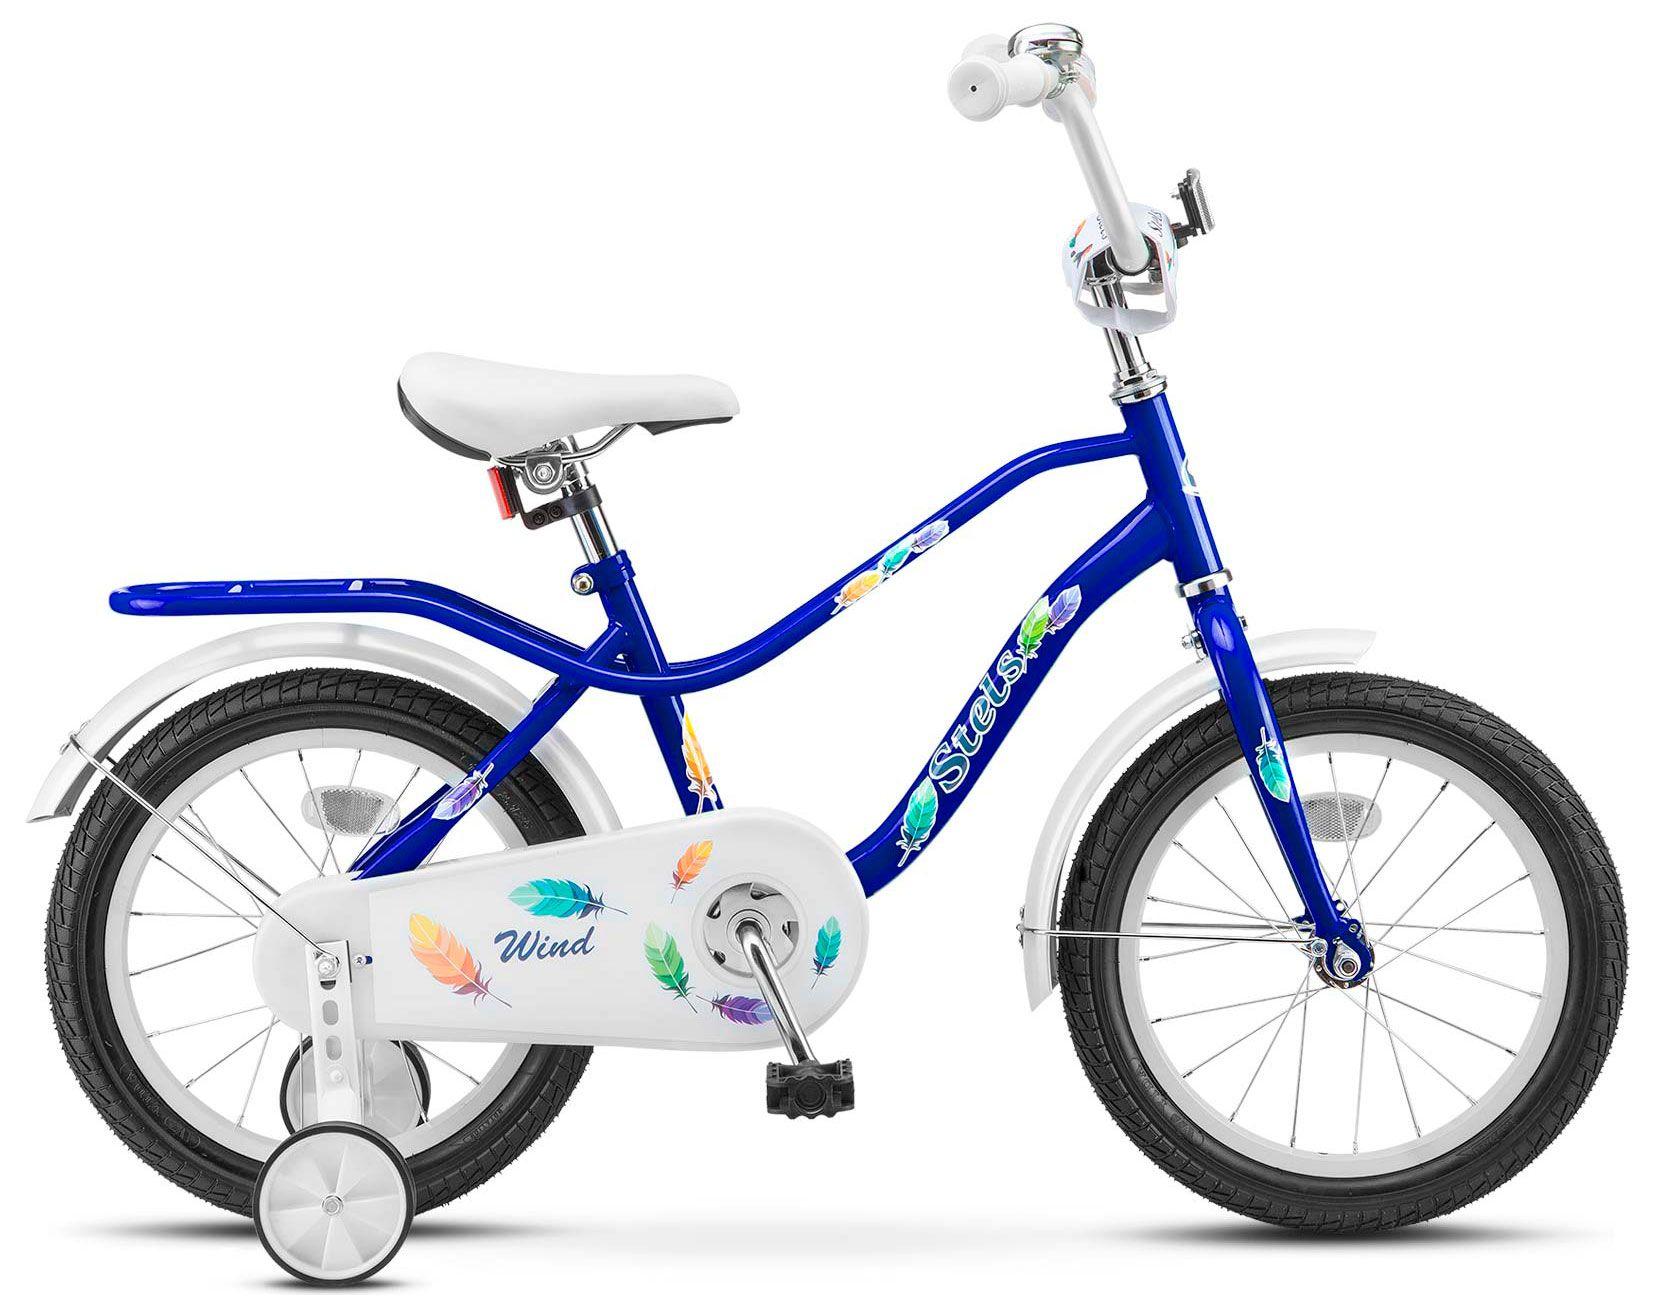 Велосипед Stels Wind 16 2018 велосипед stels crosswind 26 21 sp z010 2018